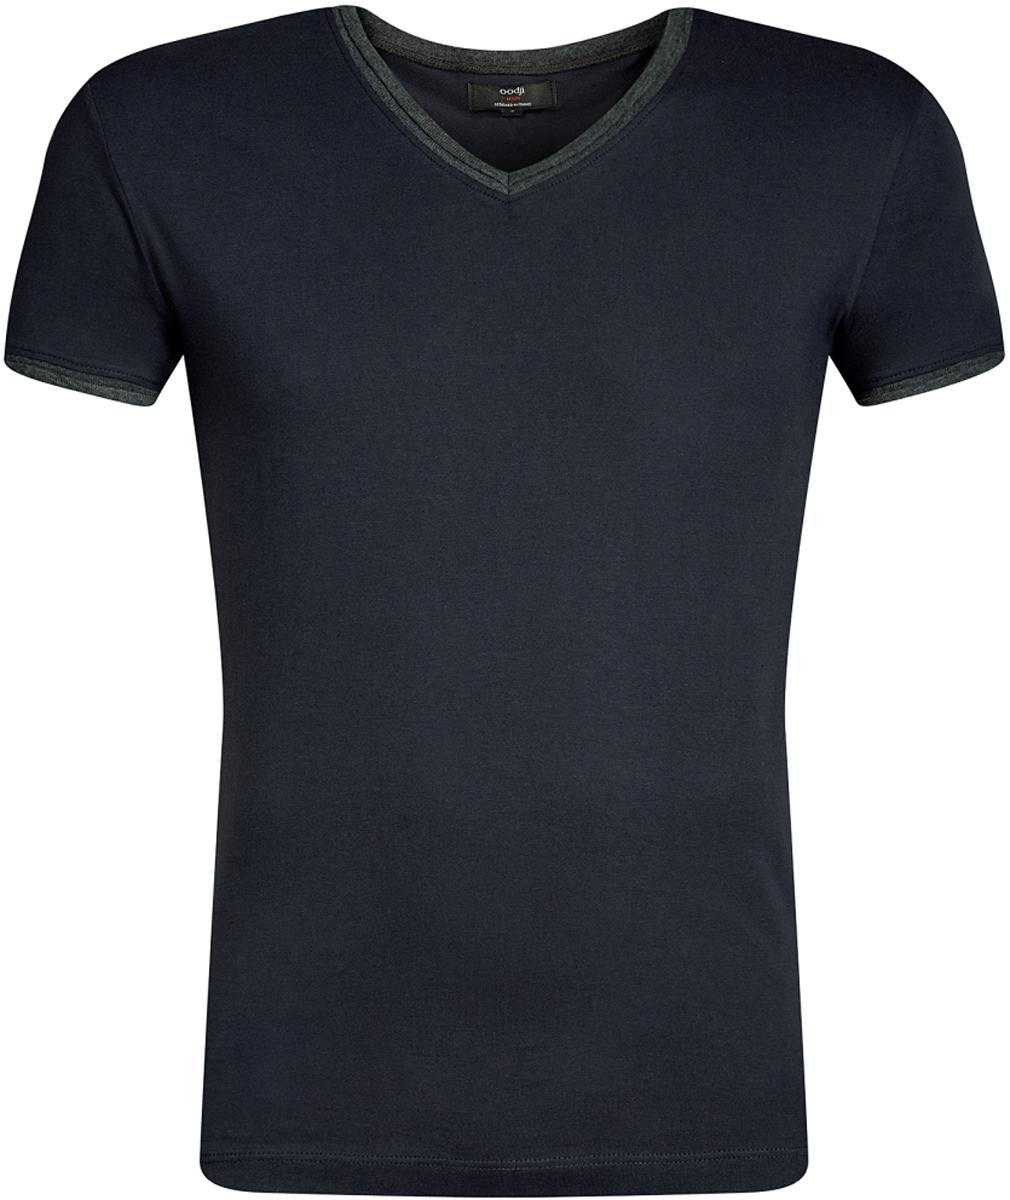 Футболка мужская oodji Lab, цвет: темно-синий, темно-серый. 5L612017M/39485N/7925B. Размер XL (56)5L612017M/39485N/7925BСтильная футболка от oodji с V-образным вырезом и короткими рукавами выполнена из натурального хлопка. Модель декорирована контрастной отделкой.